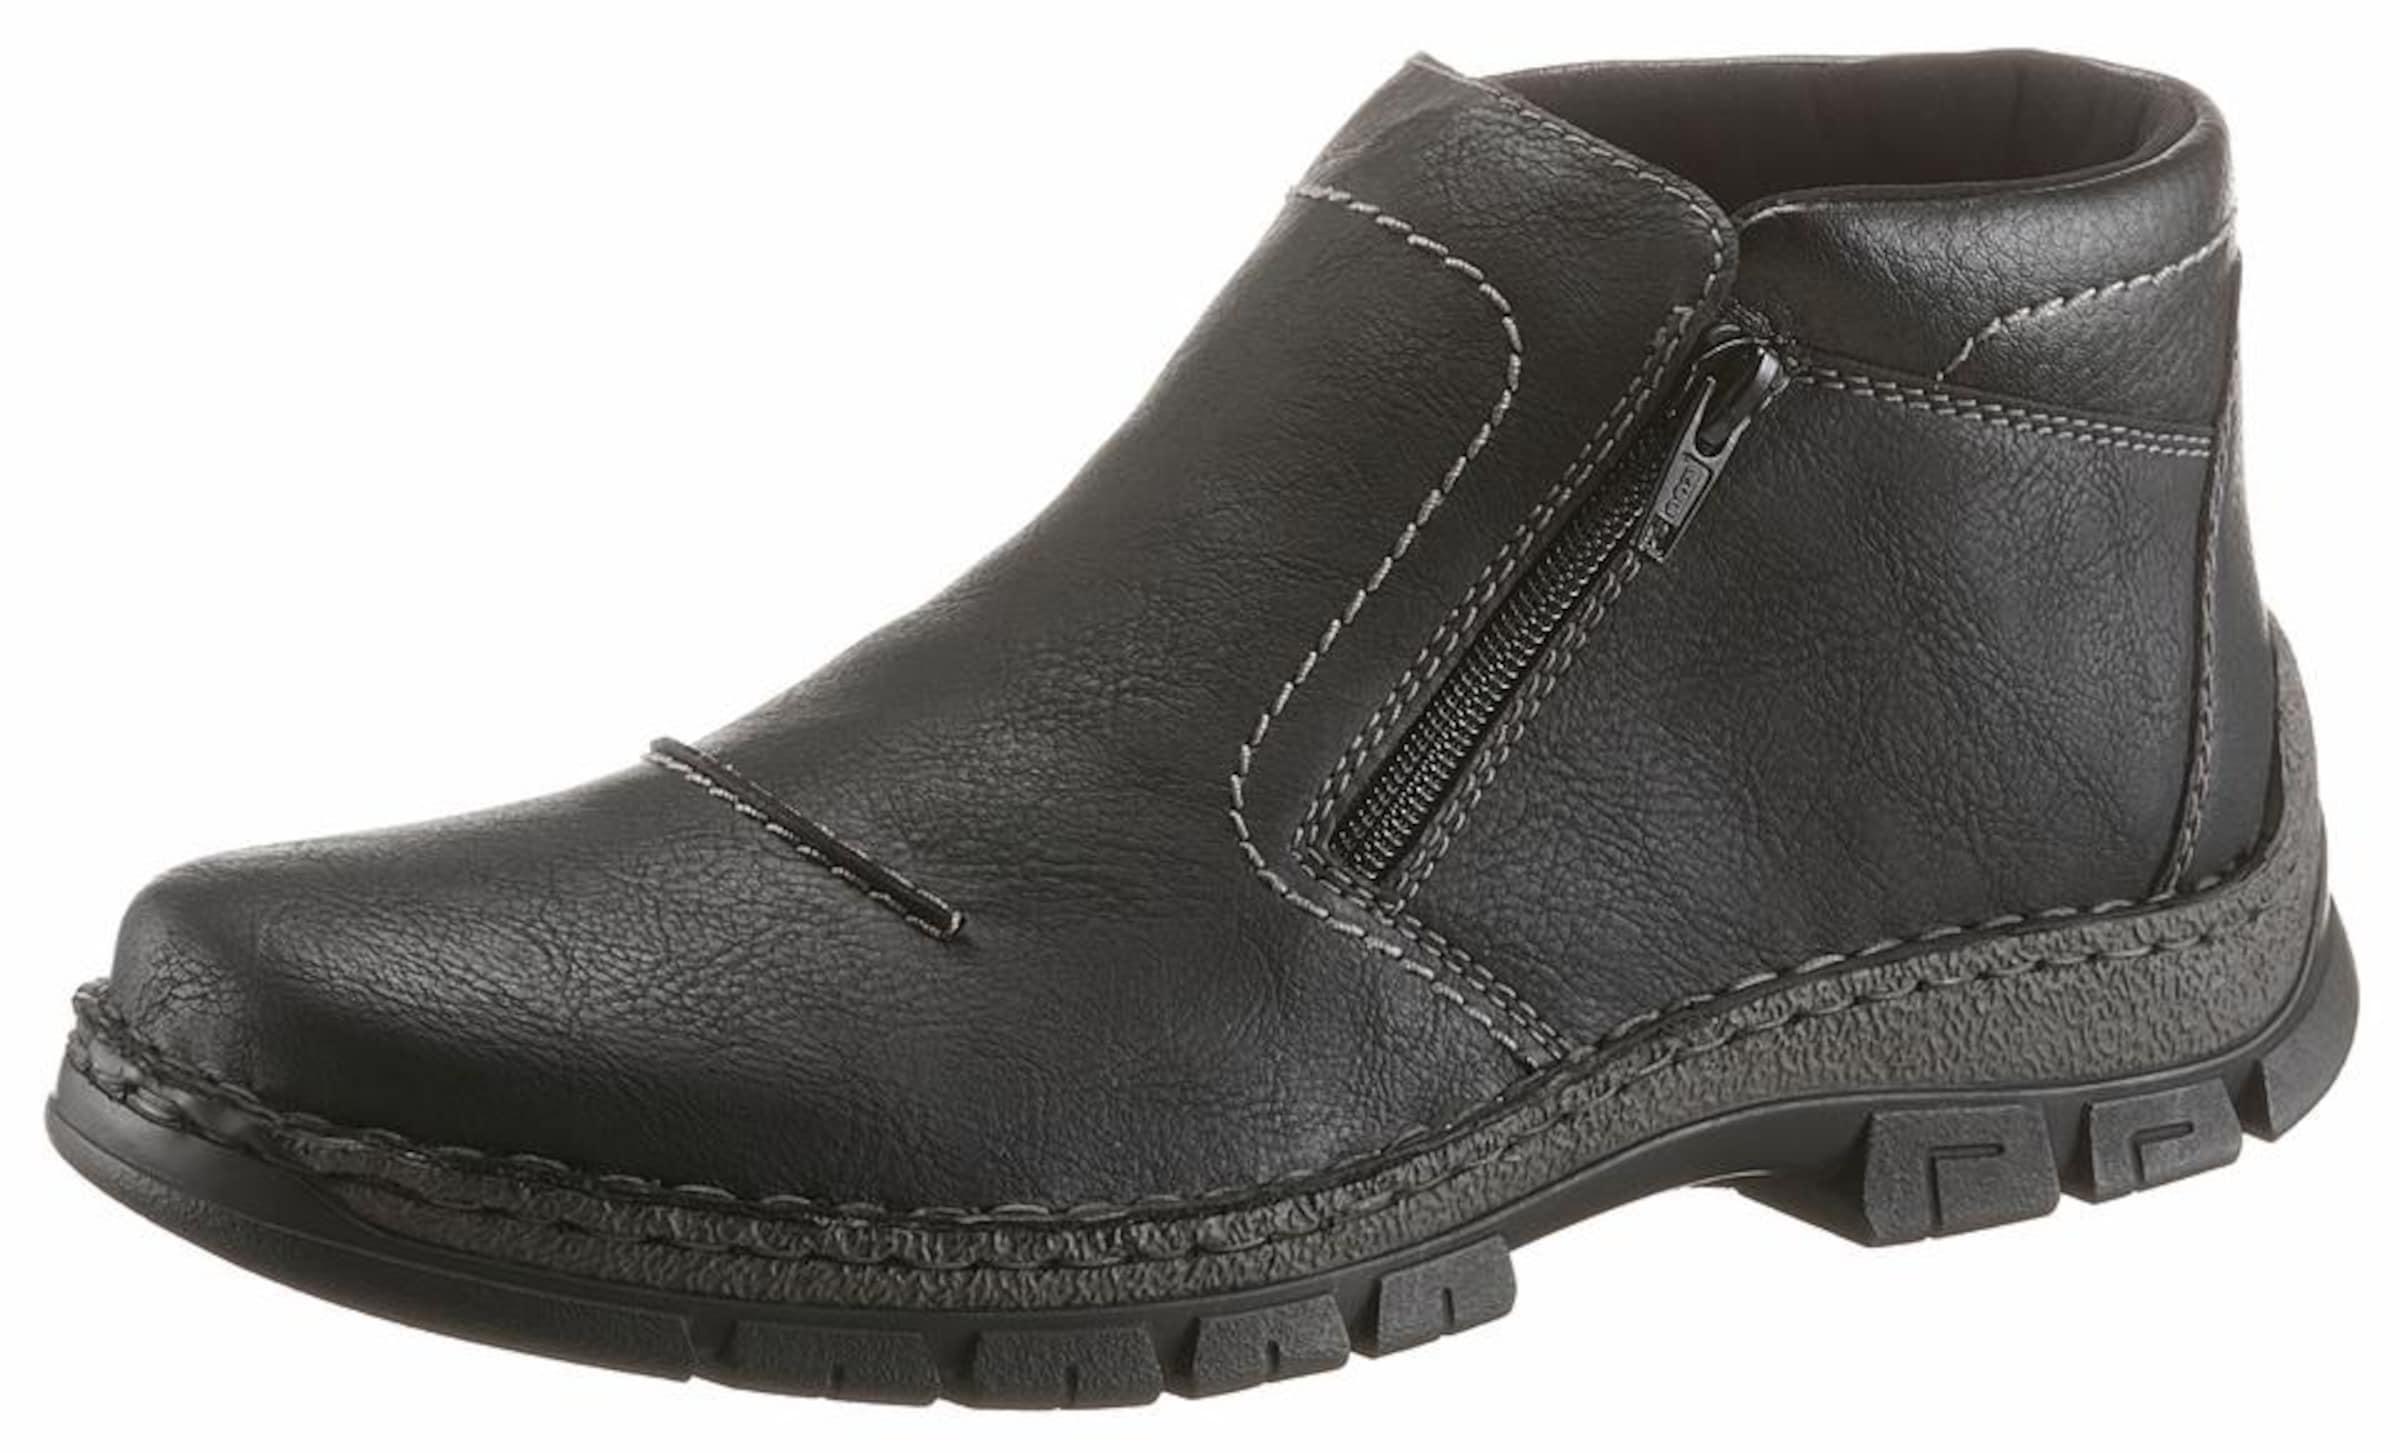 RIEKER Winterstiefel Verschleißfeste billige Schuhe Hohe Qualität